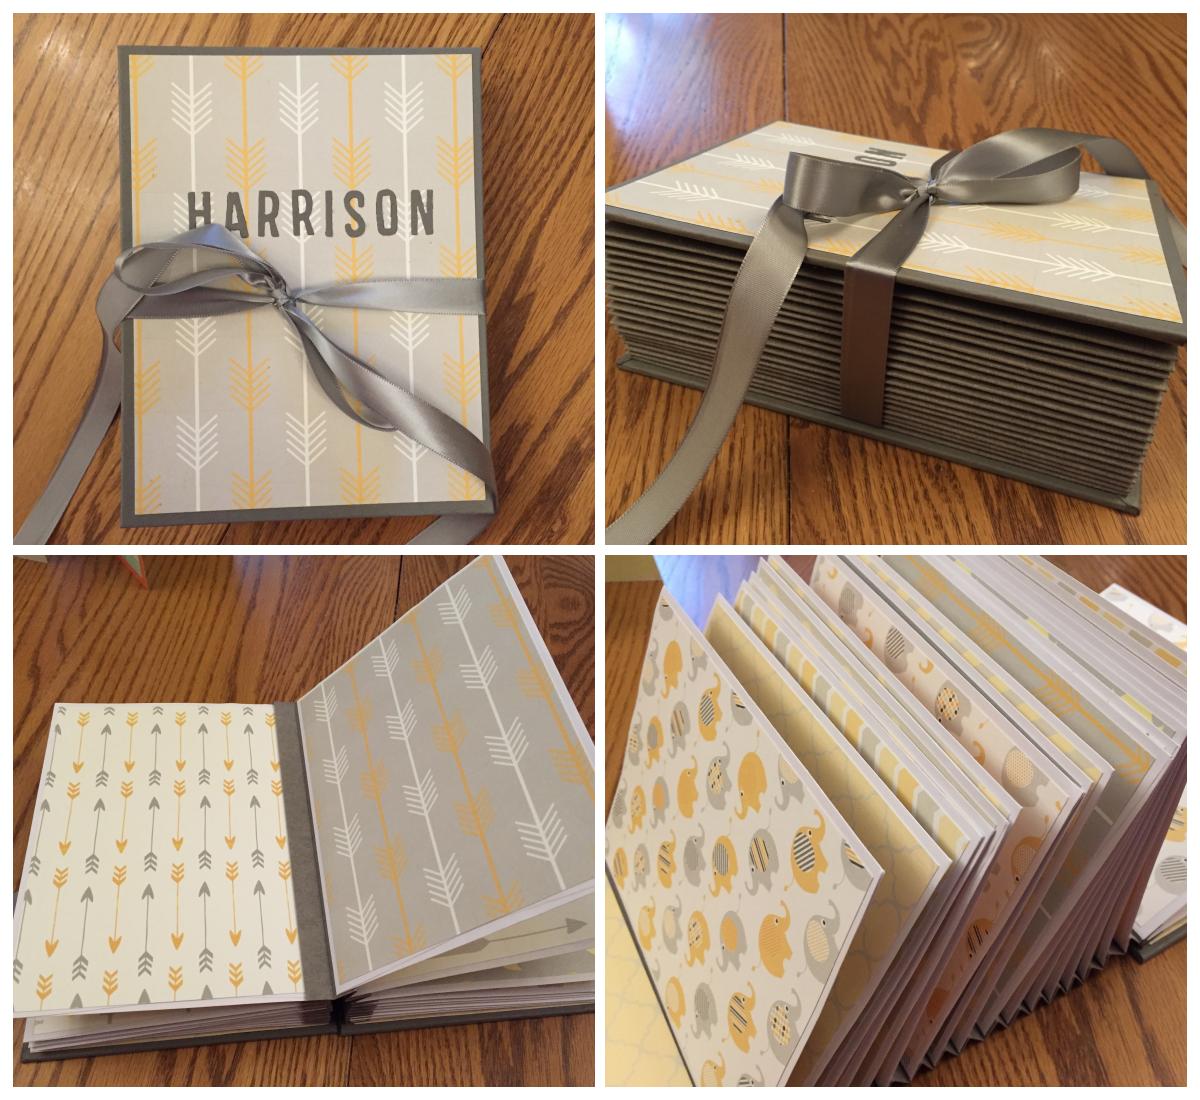 Harrison's Book